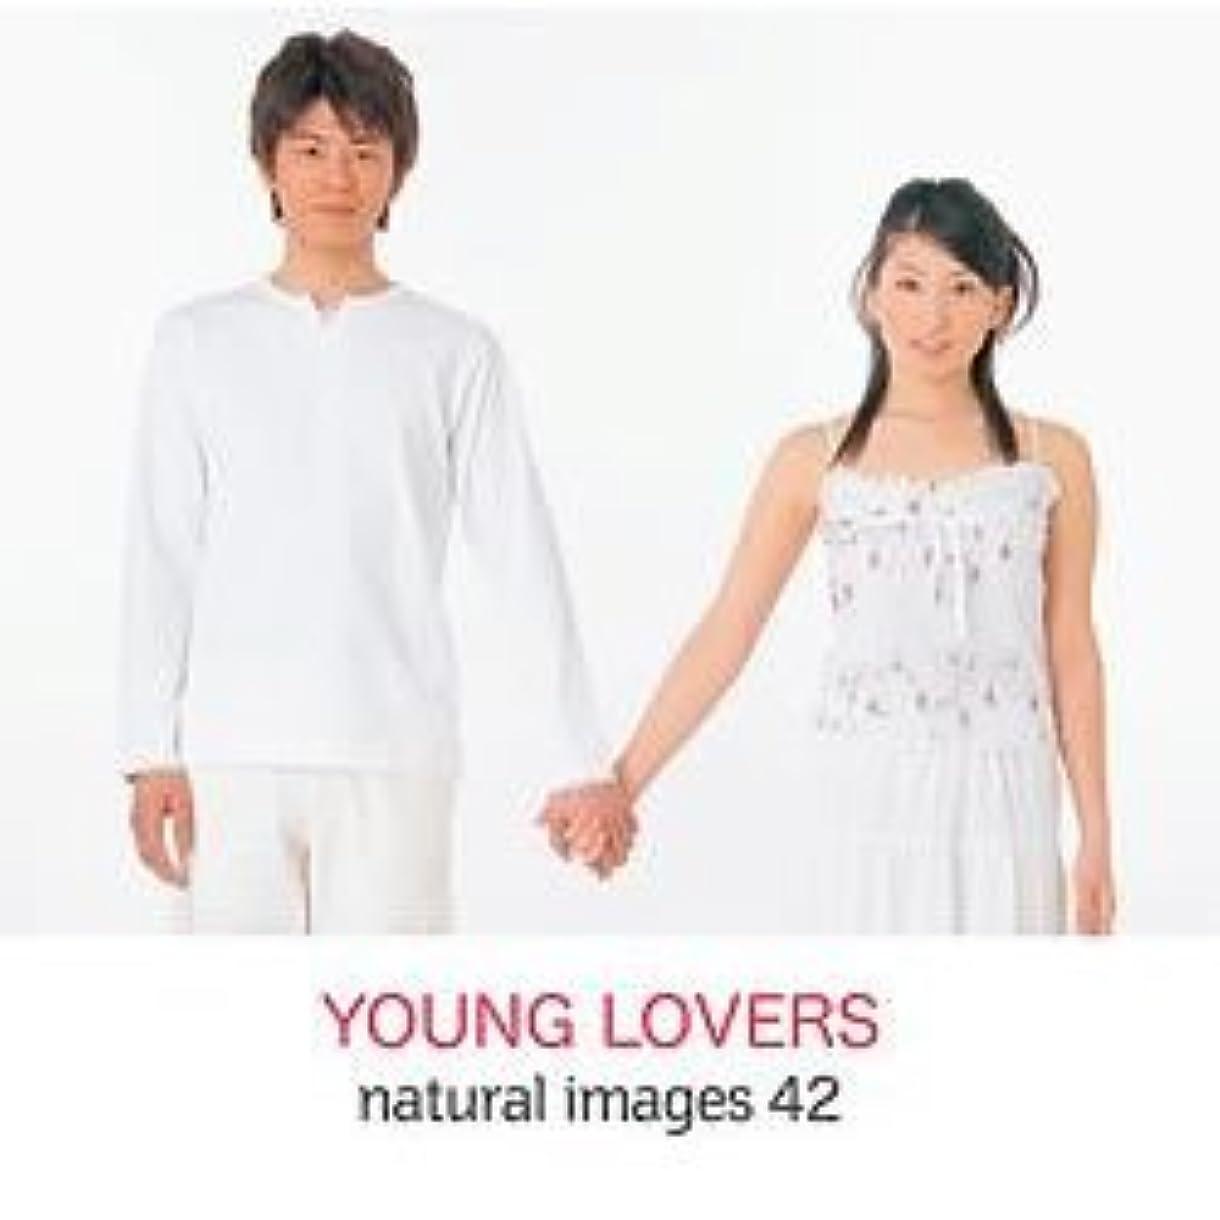 受ける八百屋さん狂信者natural images Vol.42 YOUNG LOVERS